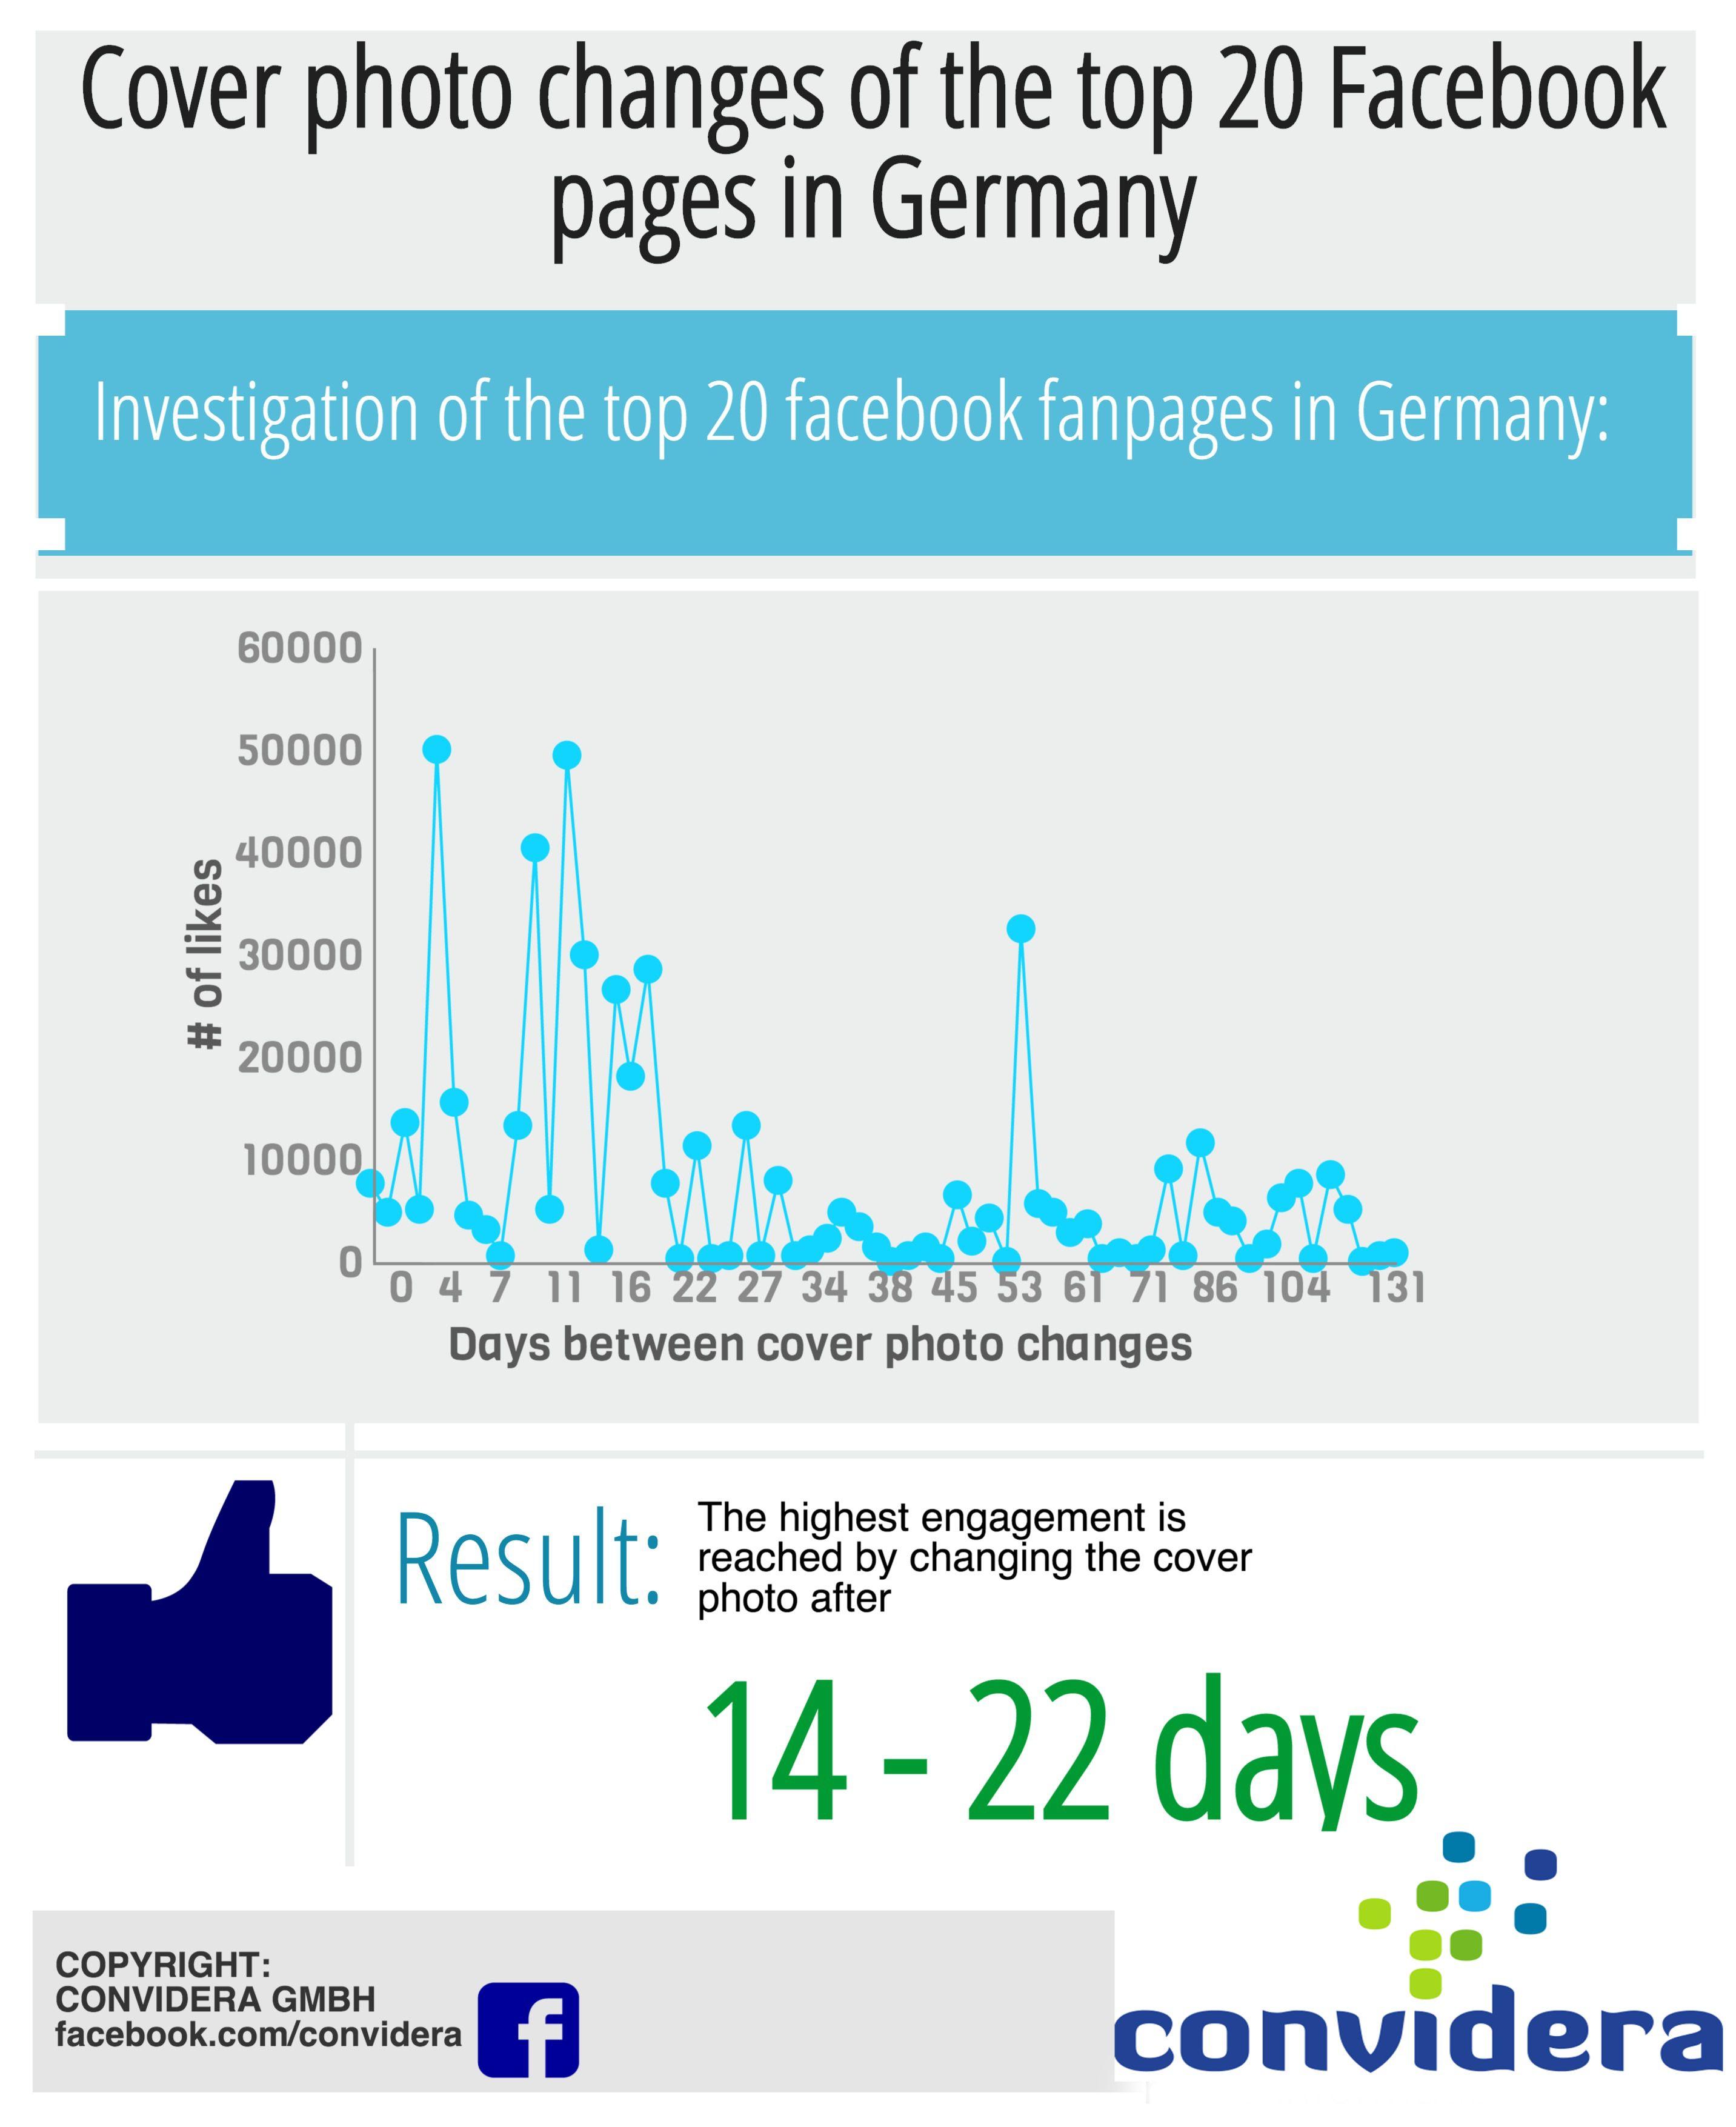 Facebook Cover Bild Wechsel bei deutschen Facebook-Seiten